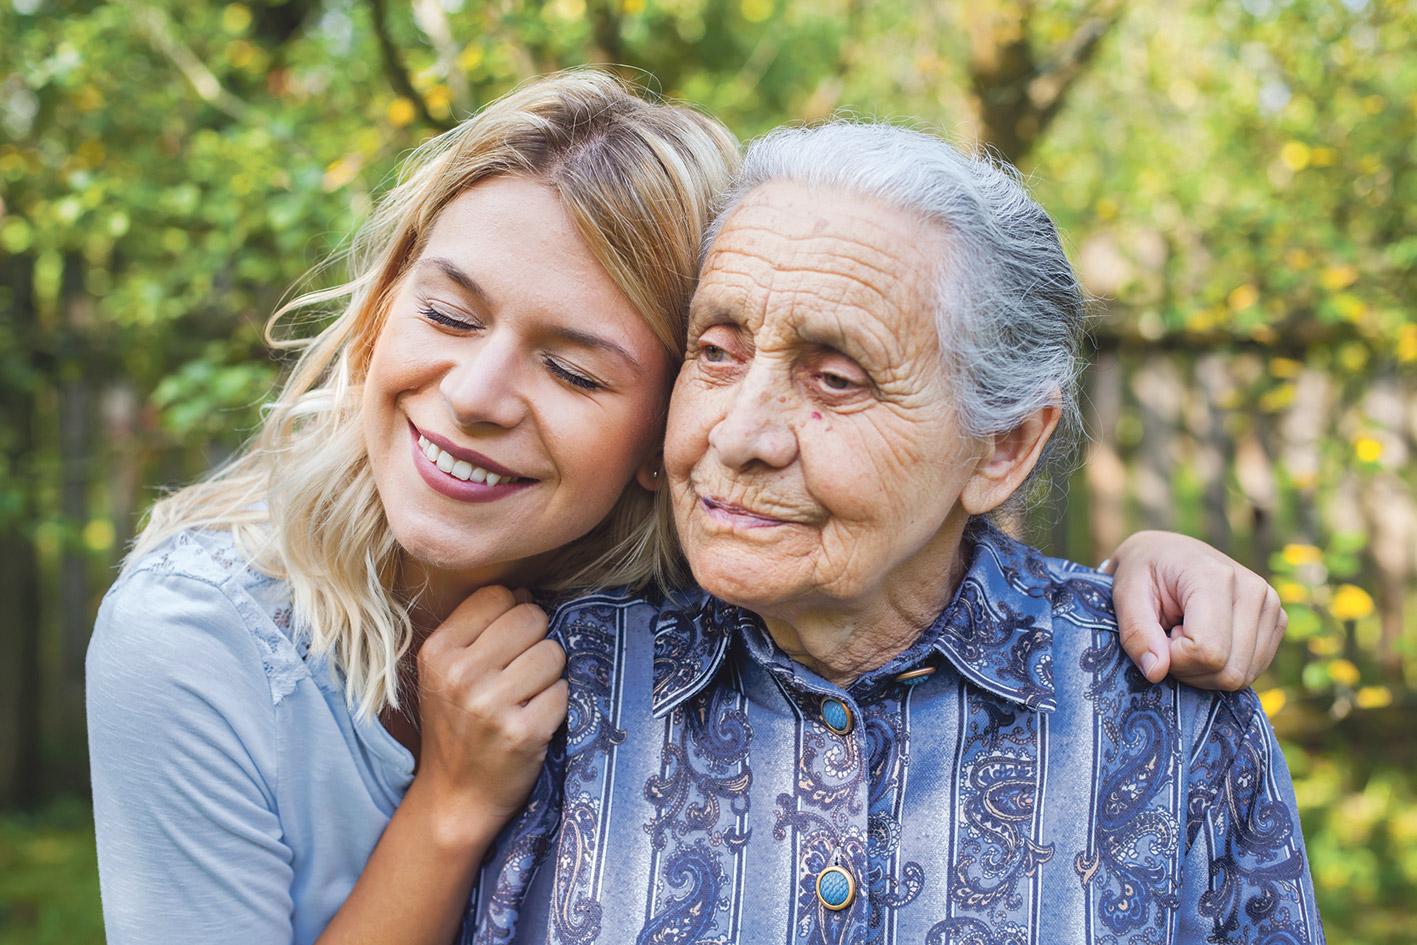 Enkelin umarmt ihre demente Großmutter.